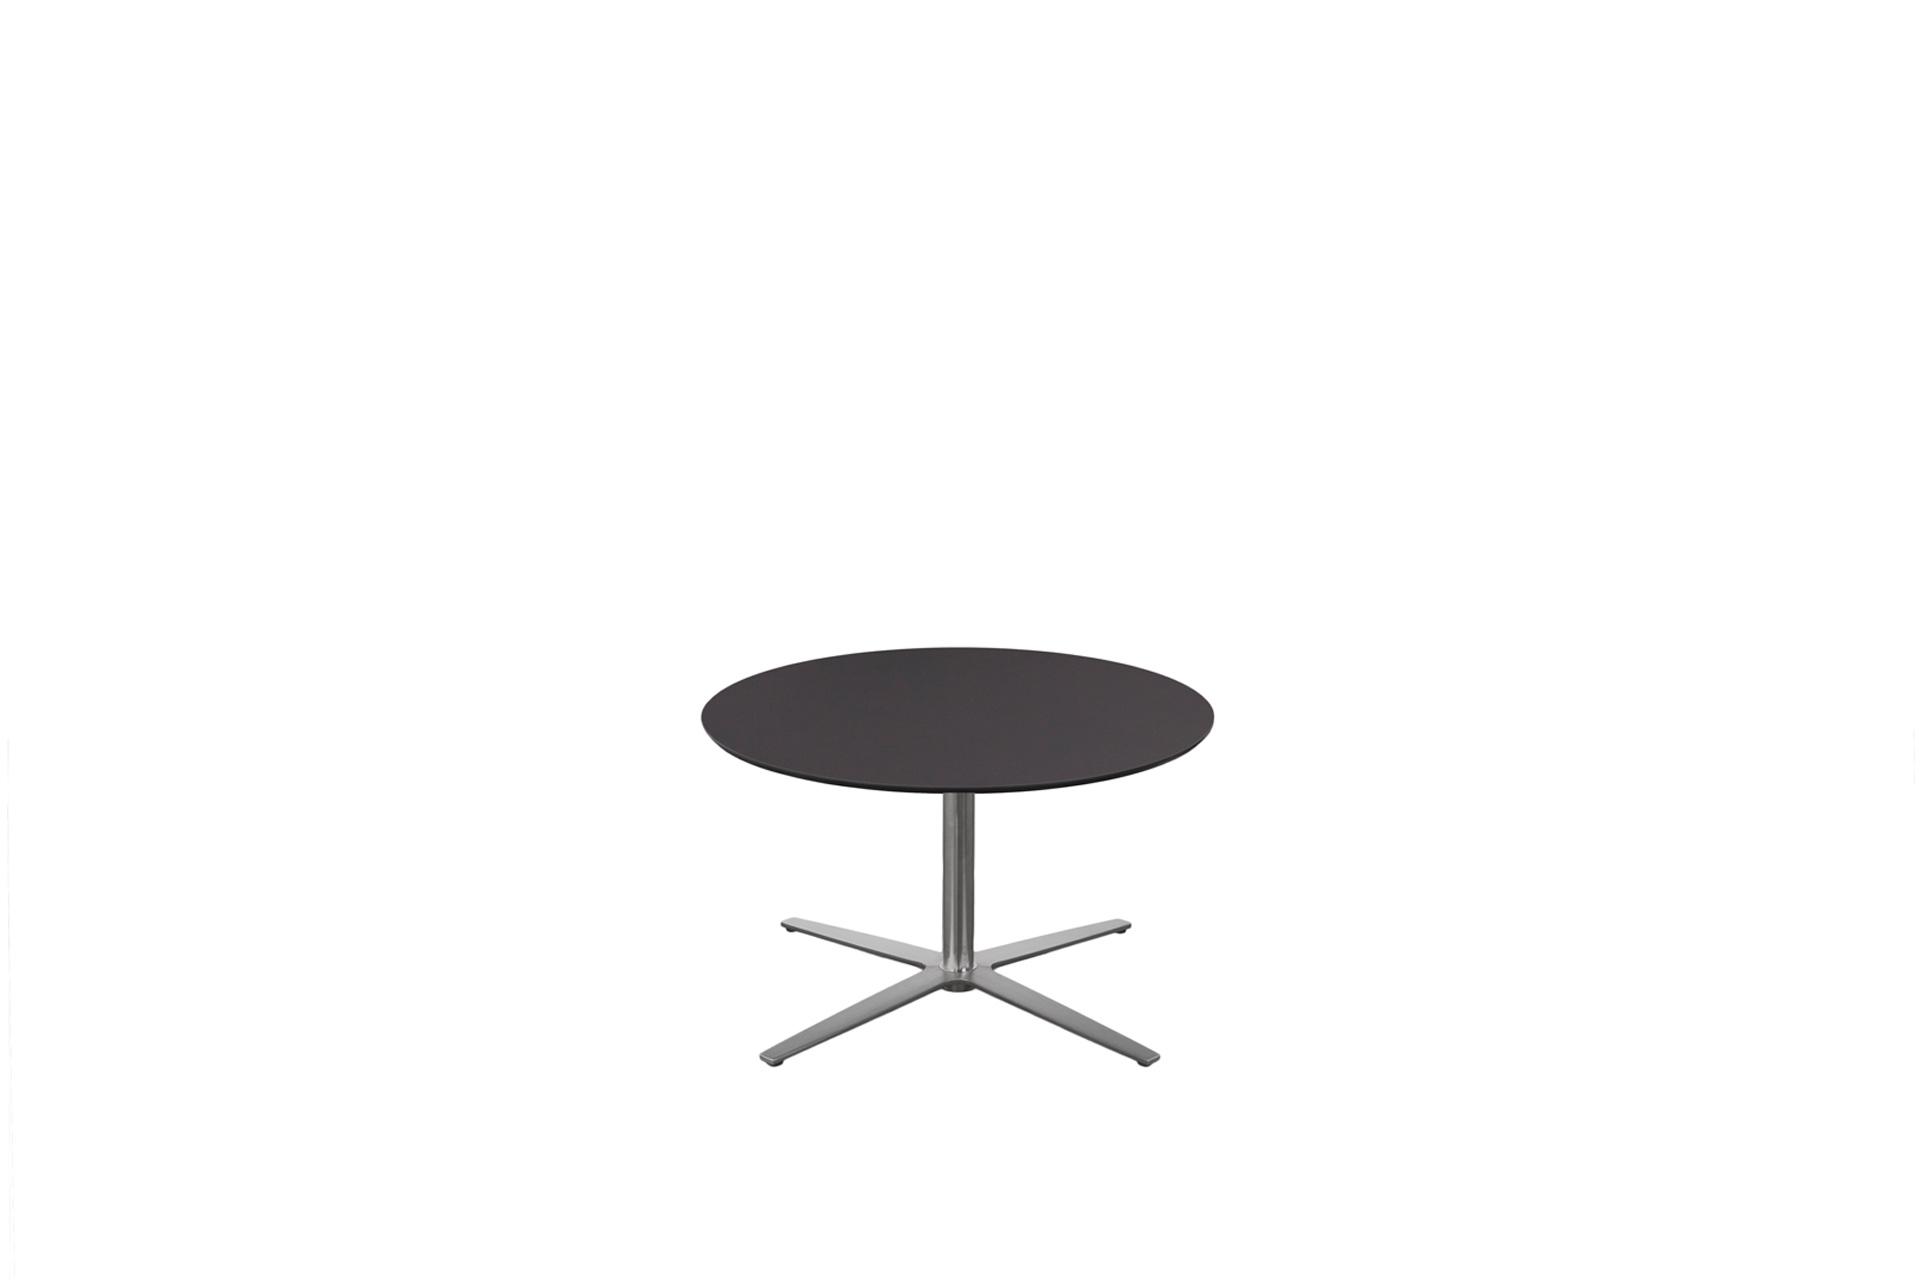 beistelltisch 70 cm hoch beistelltisch 70 cm hoch ebenbild das sieht wunderbar beistelltisch. Black Bedroom Furniture Sets. Home Design Ideas